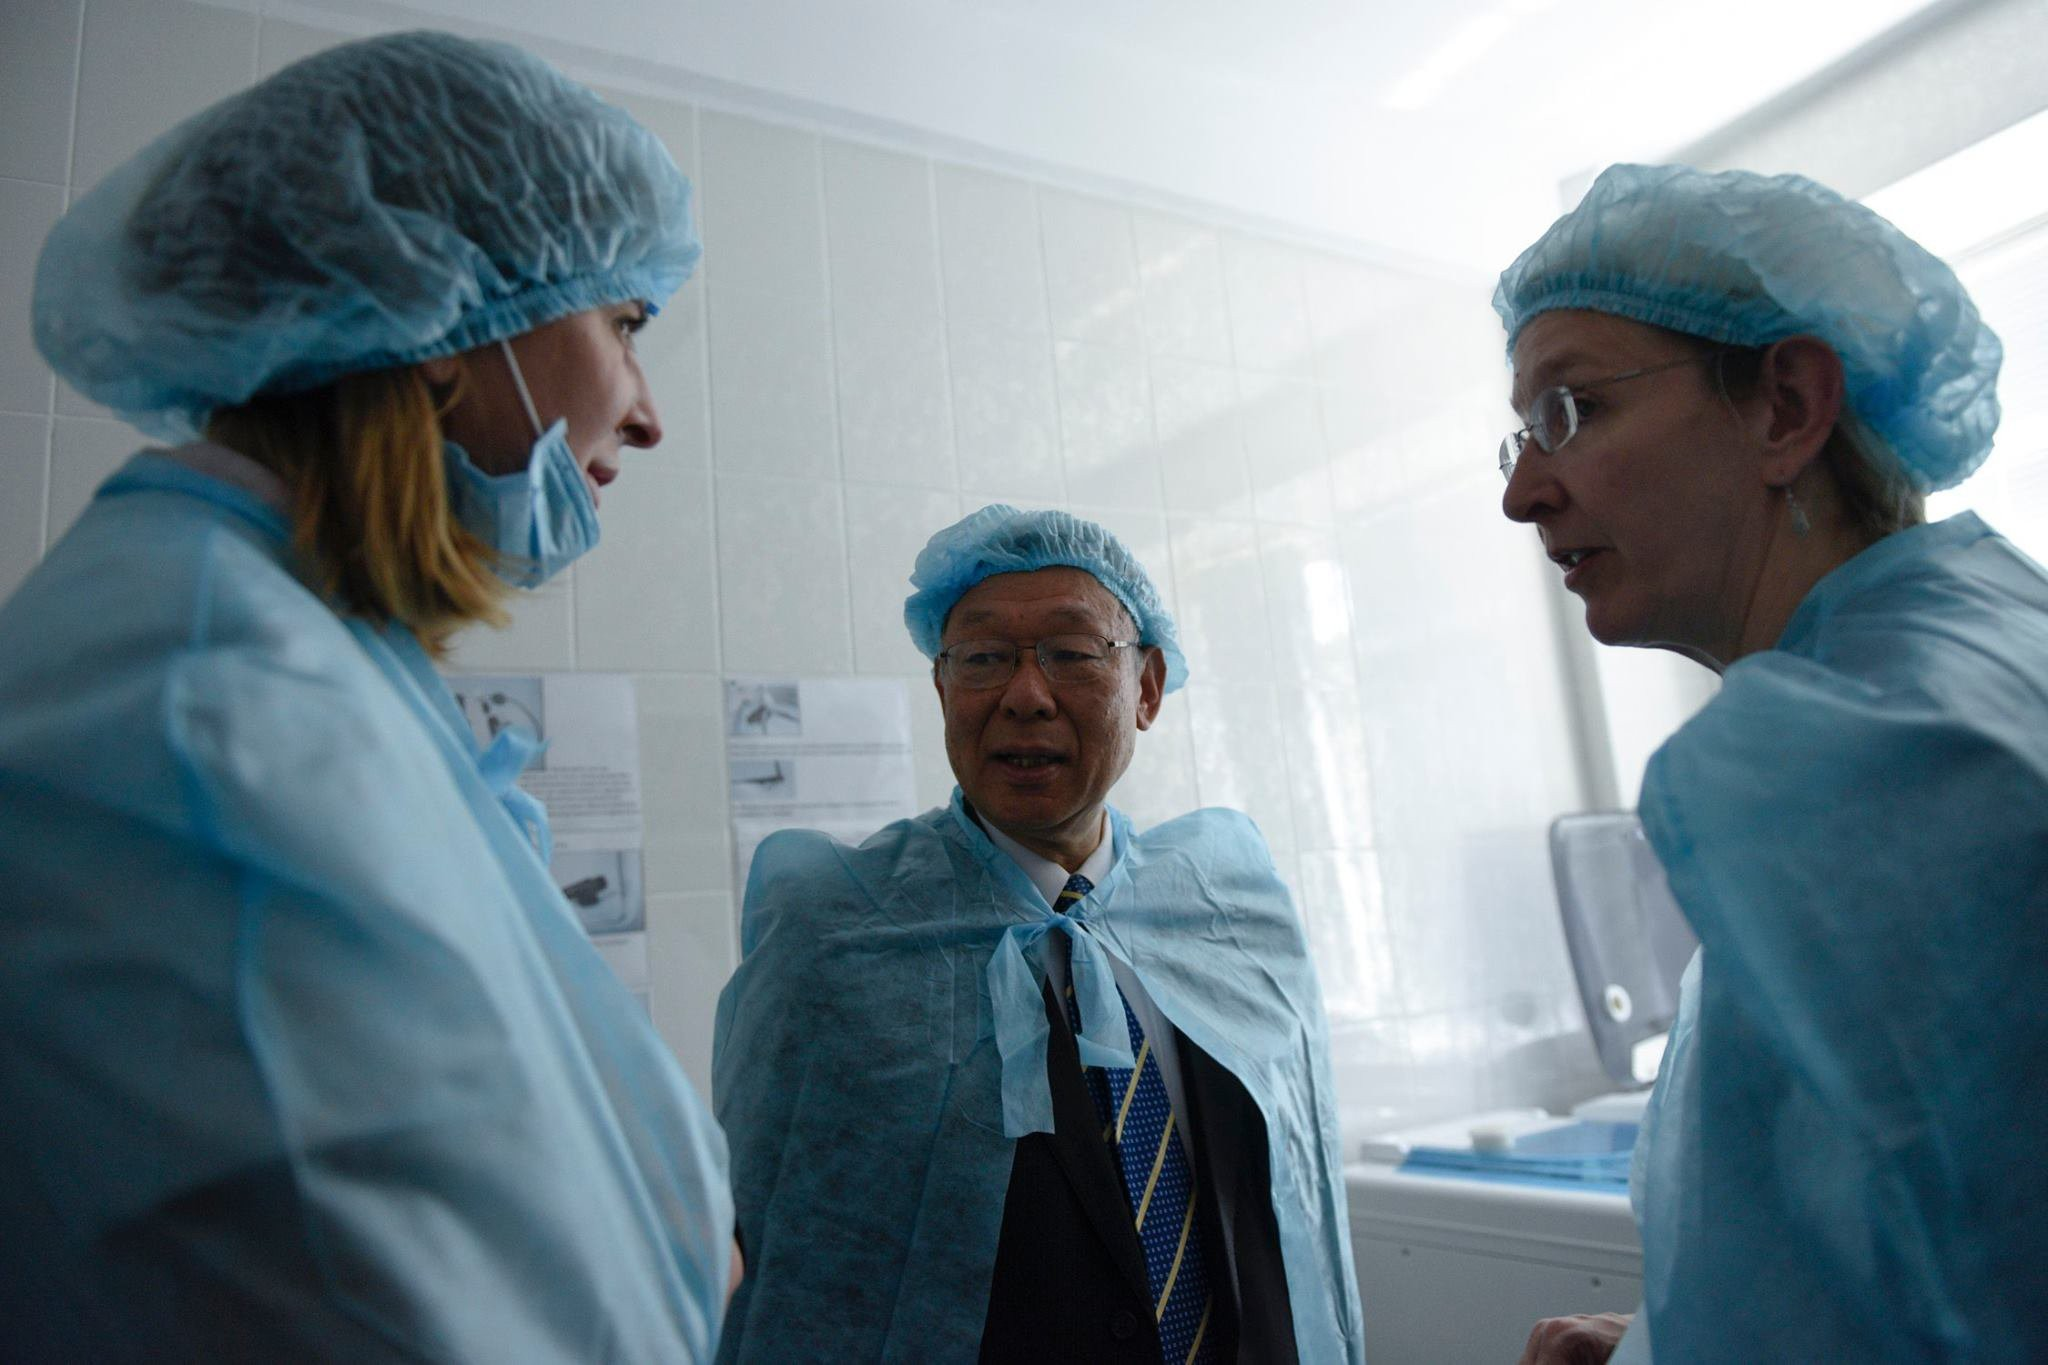 Минздрав Японии выявил случаи странного поведения убольных гриппом